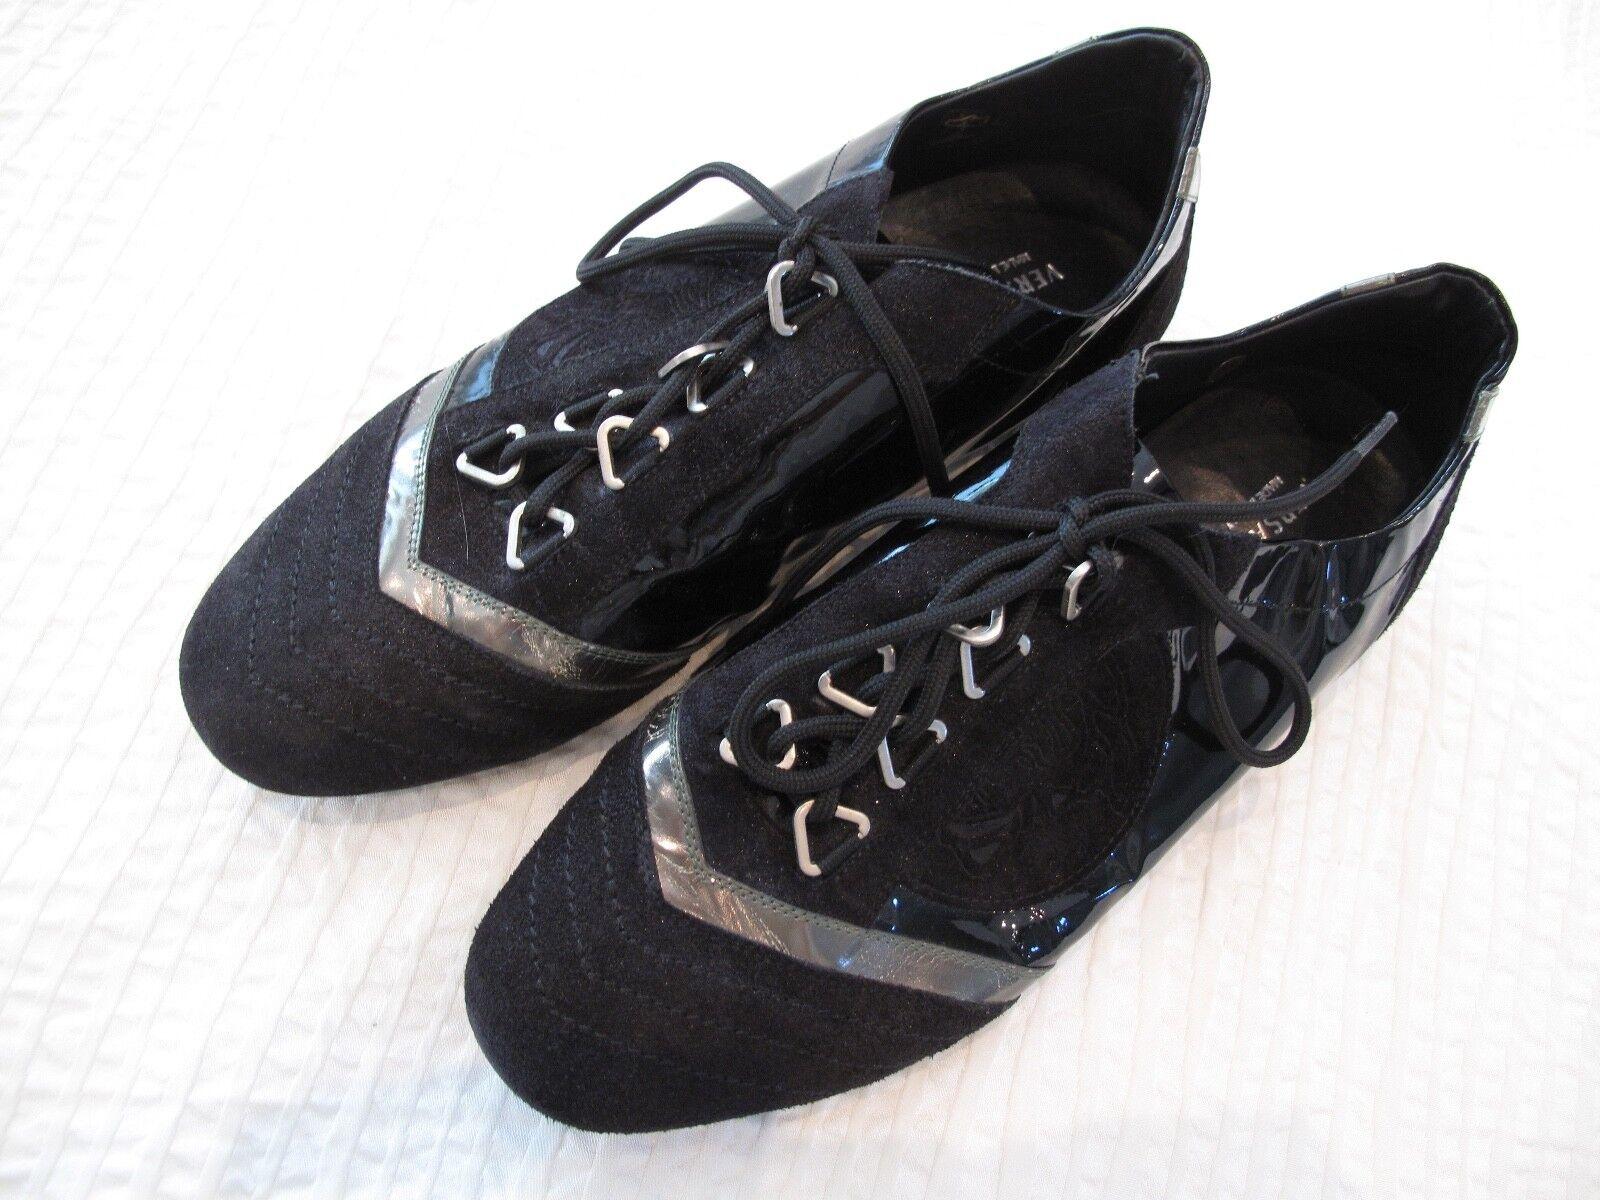 Original Versace Damen Sneaker Schuhe Echt Leder schwarz Gr 38 Top Zustand